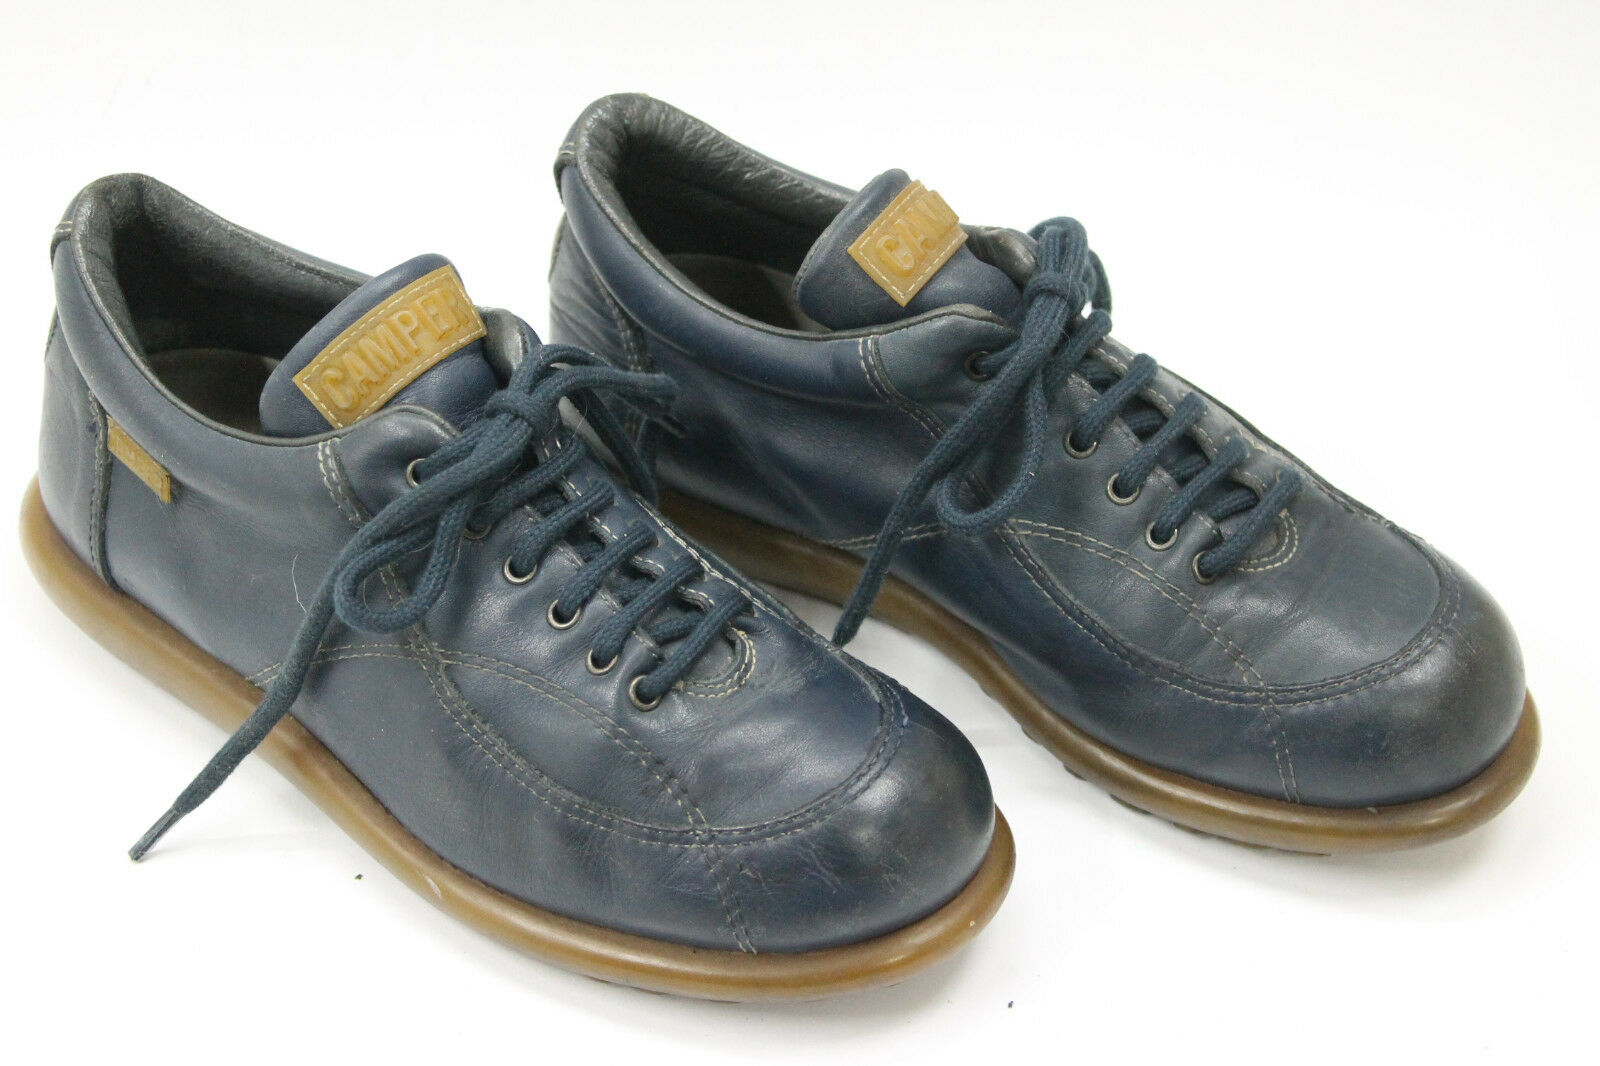 Camper mujer zapatos talla talla talla 6.5 Europa 37 De Cuero Azul S7433  mejor opcion